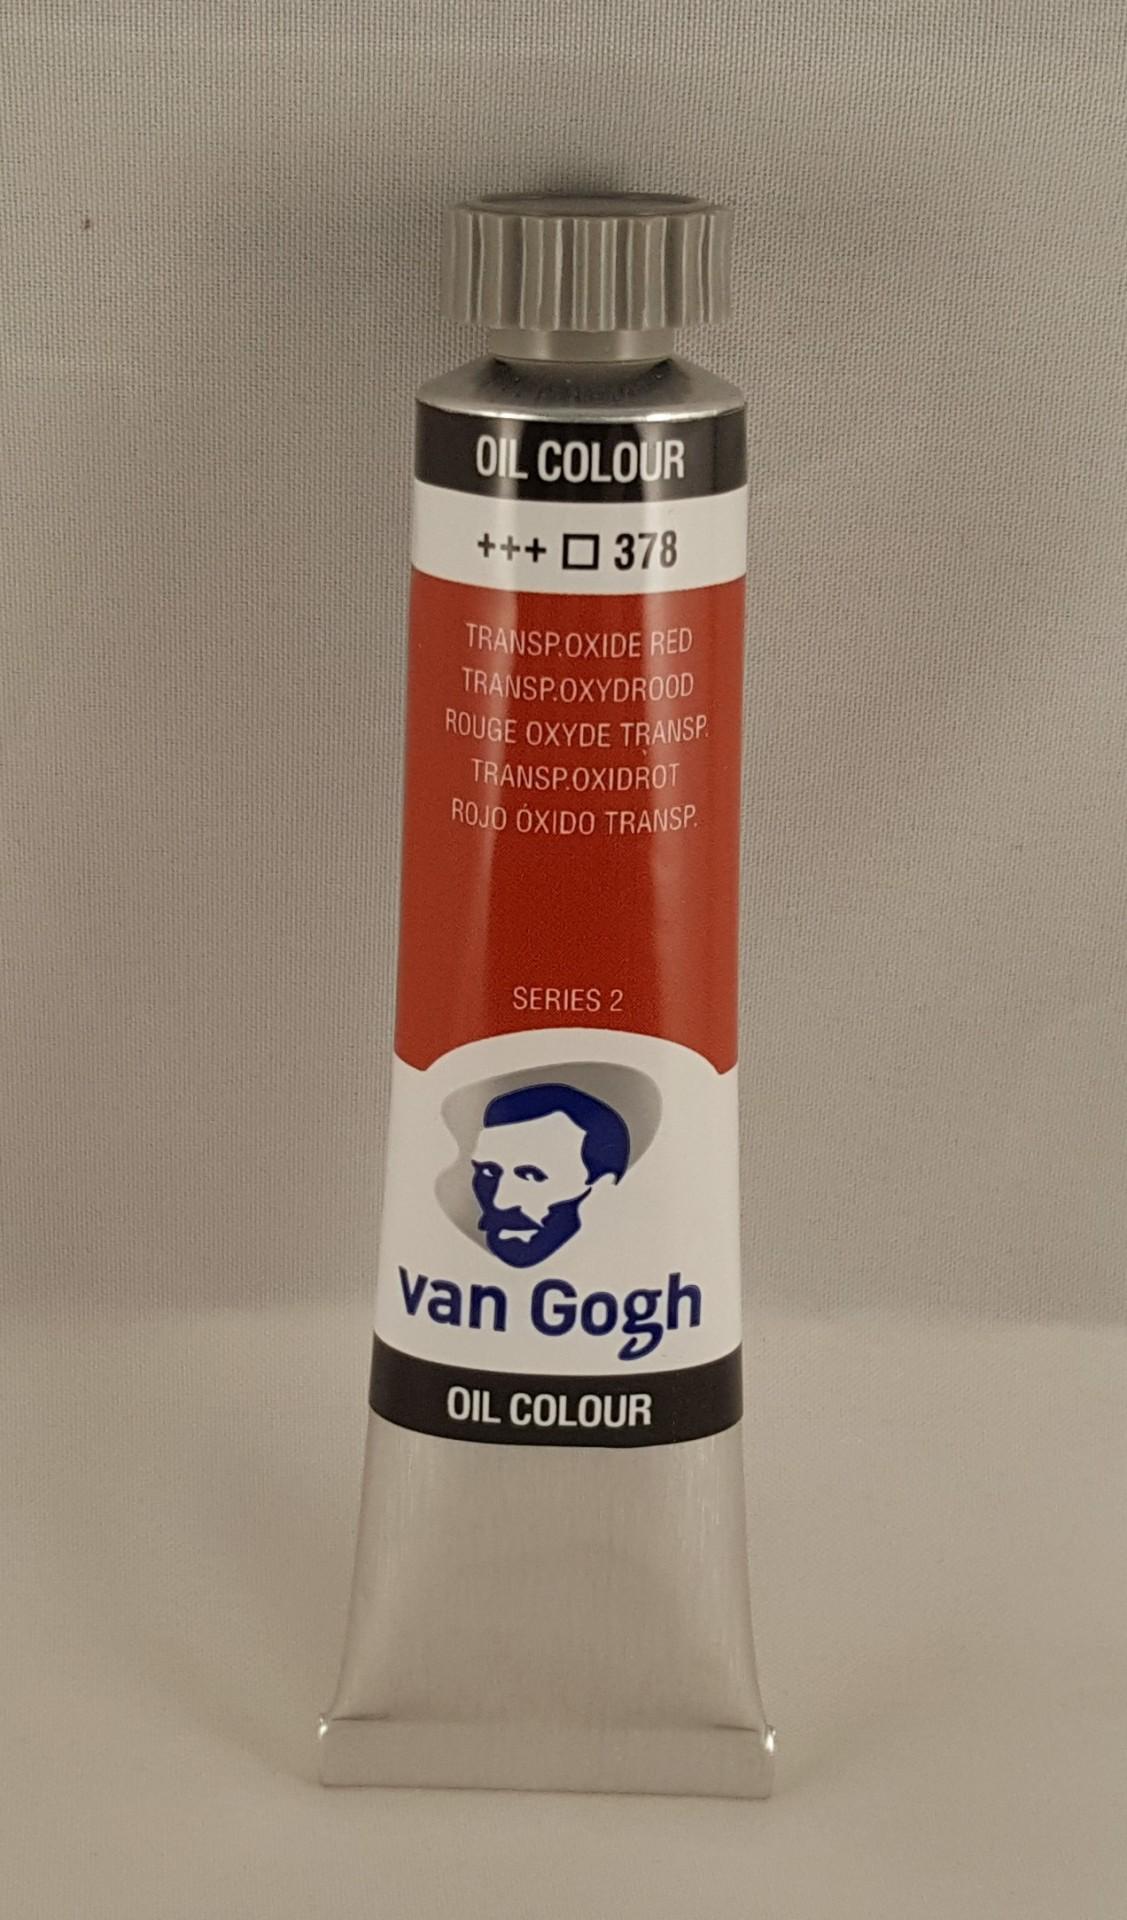 Tinta de óleo Van Gogh transp. oxide red